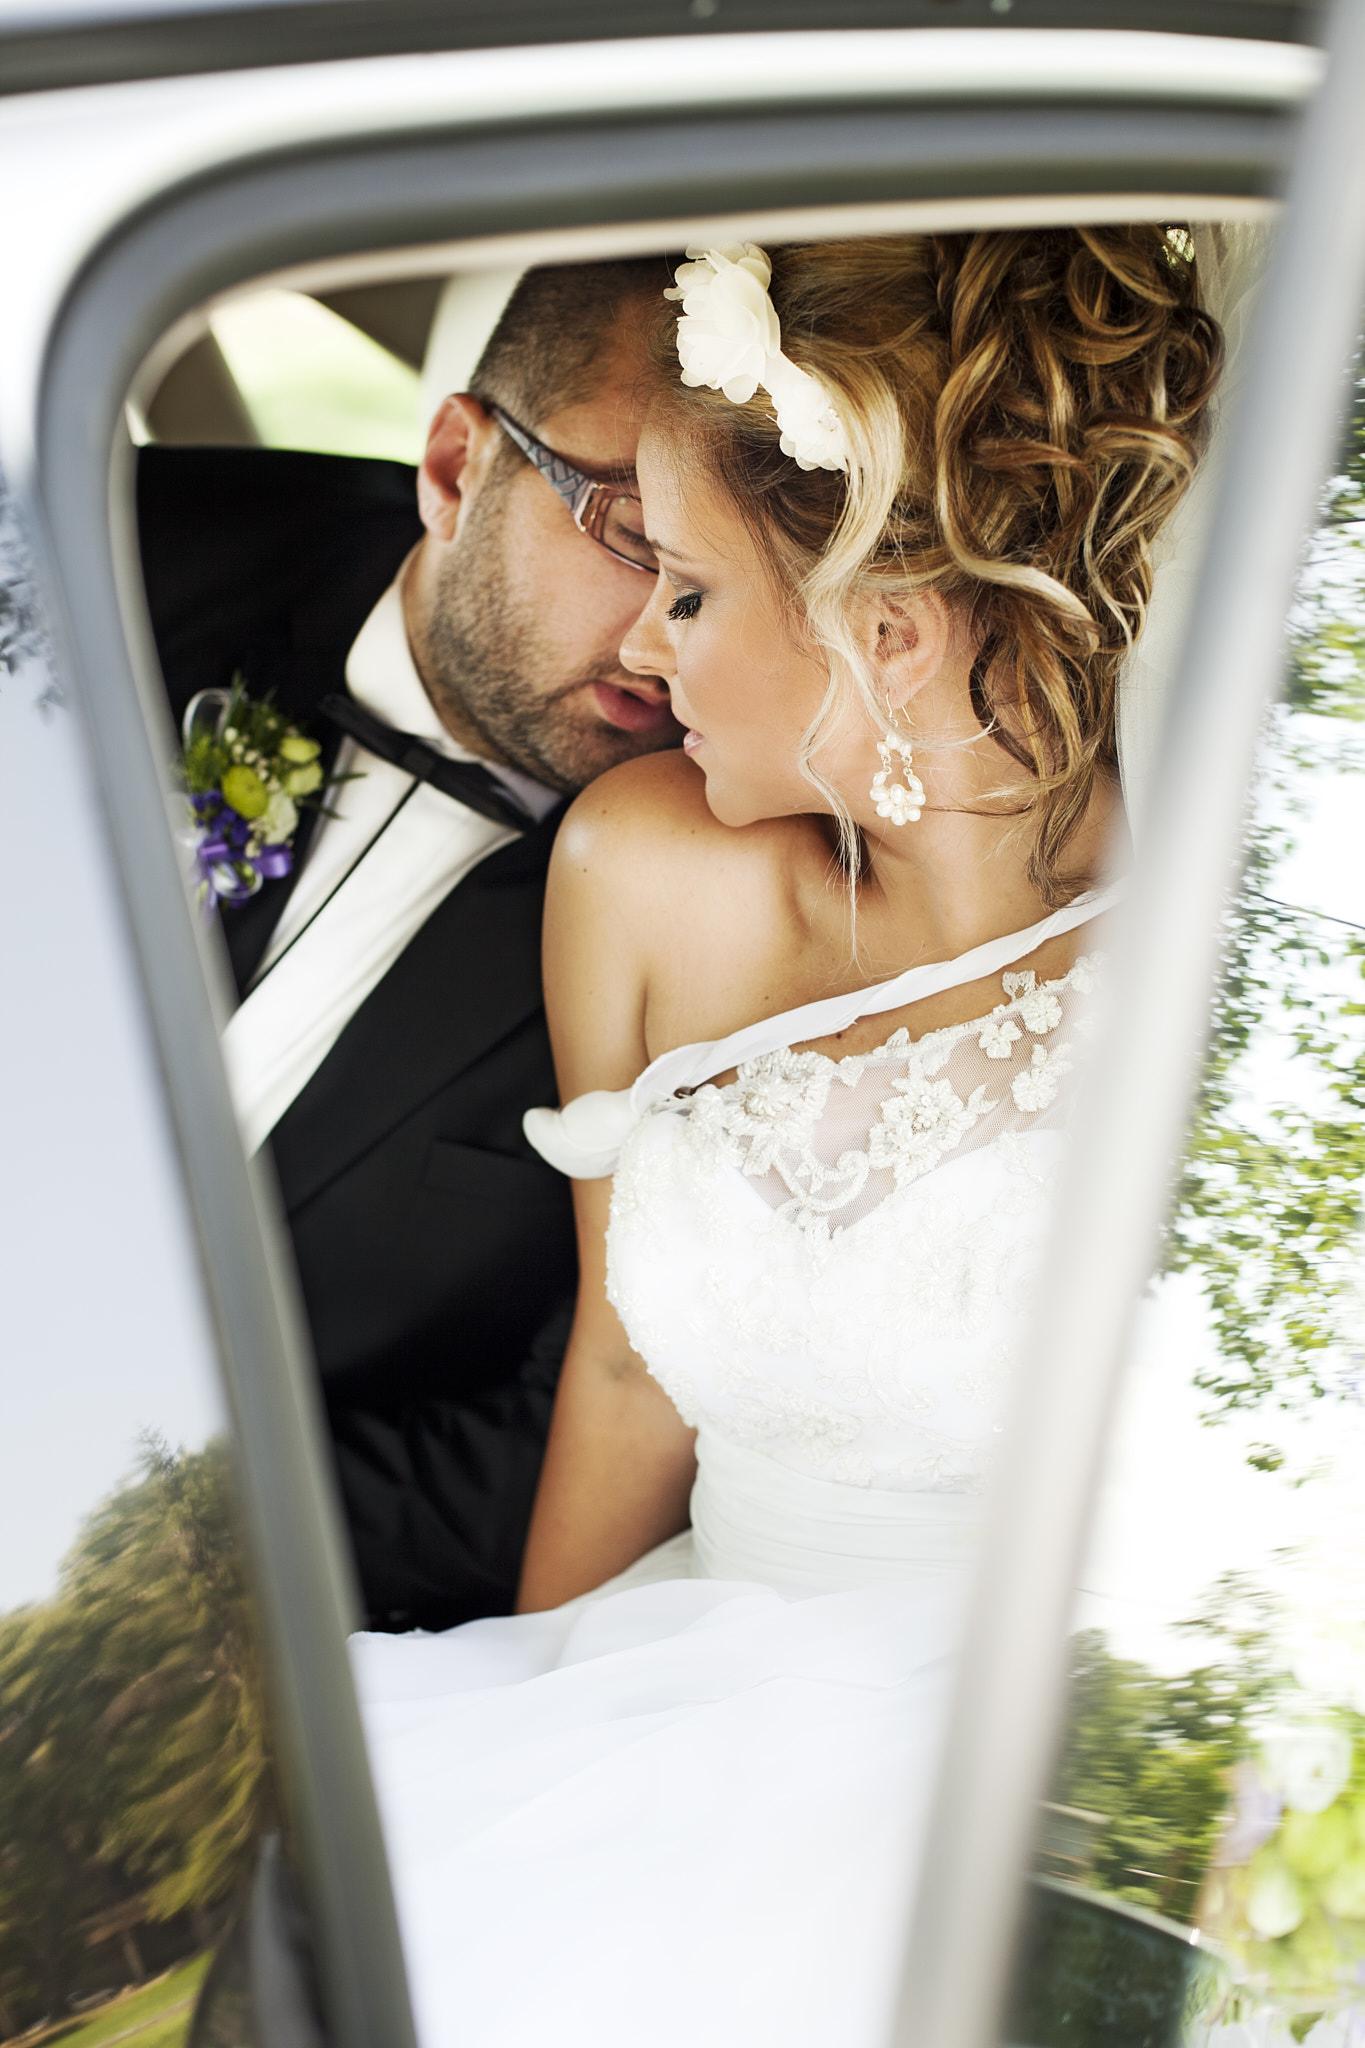 matrimonio rid 0_237